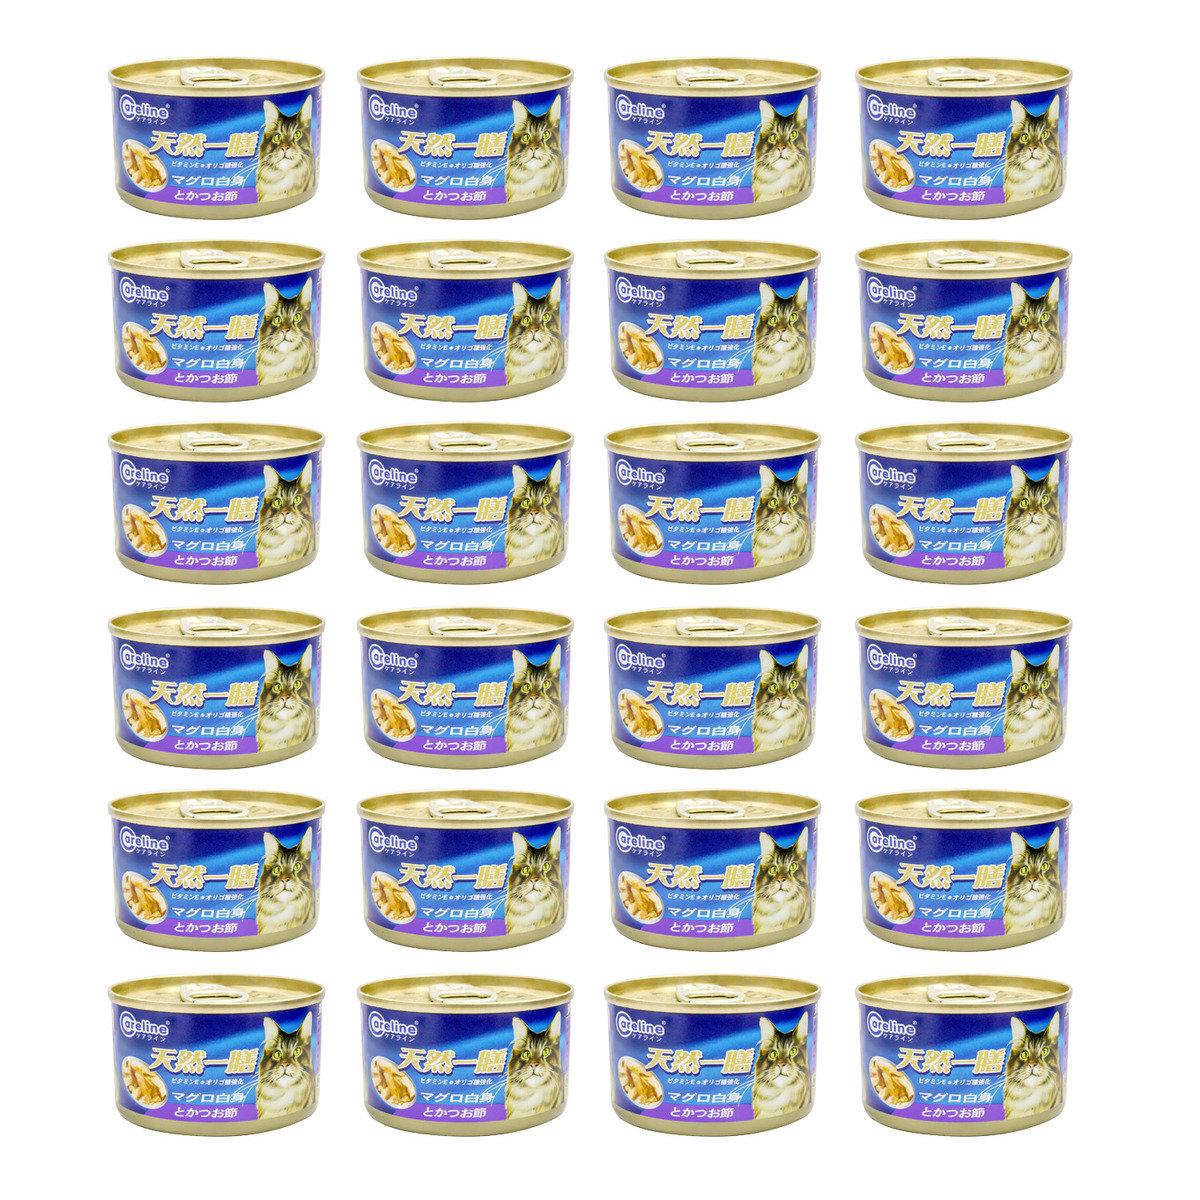 白身吞拿加魚片(鰹魚)